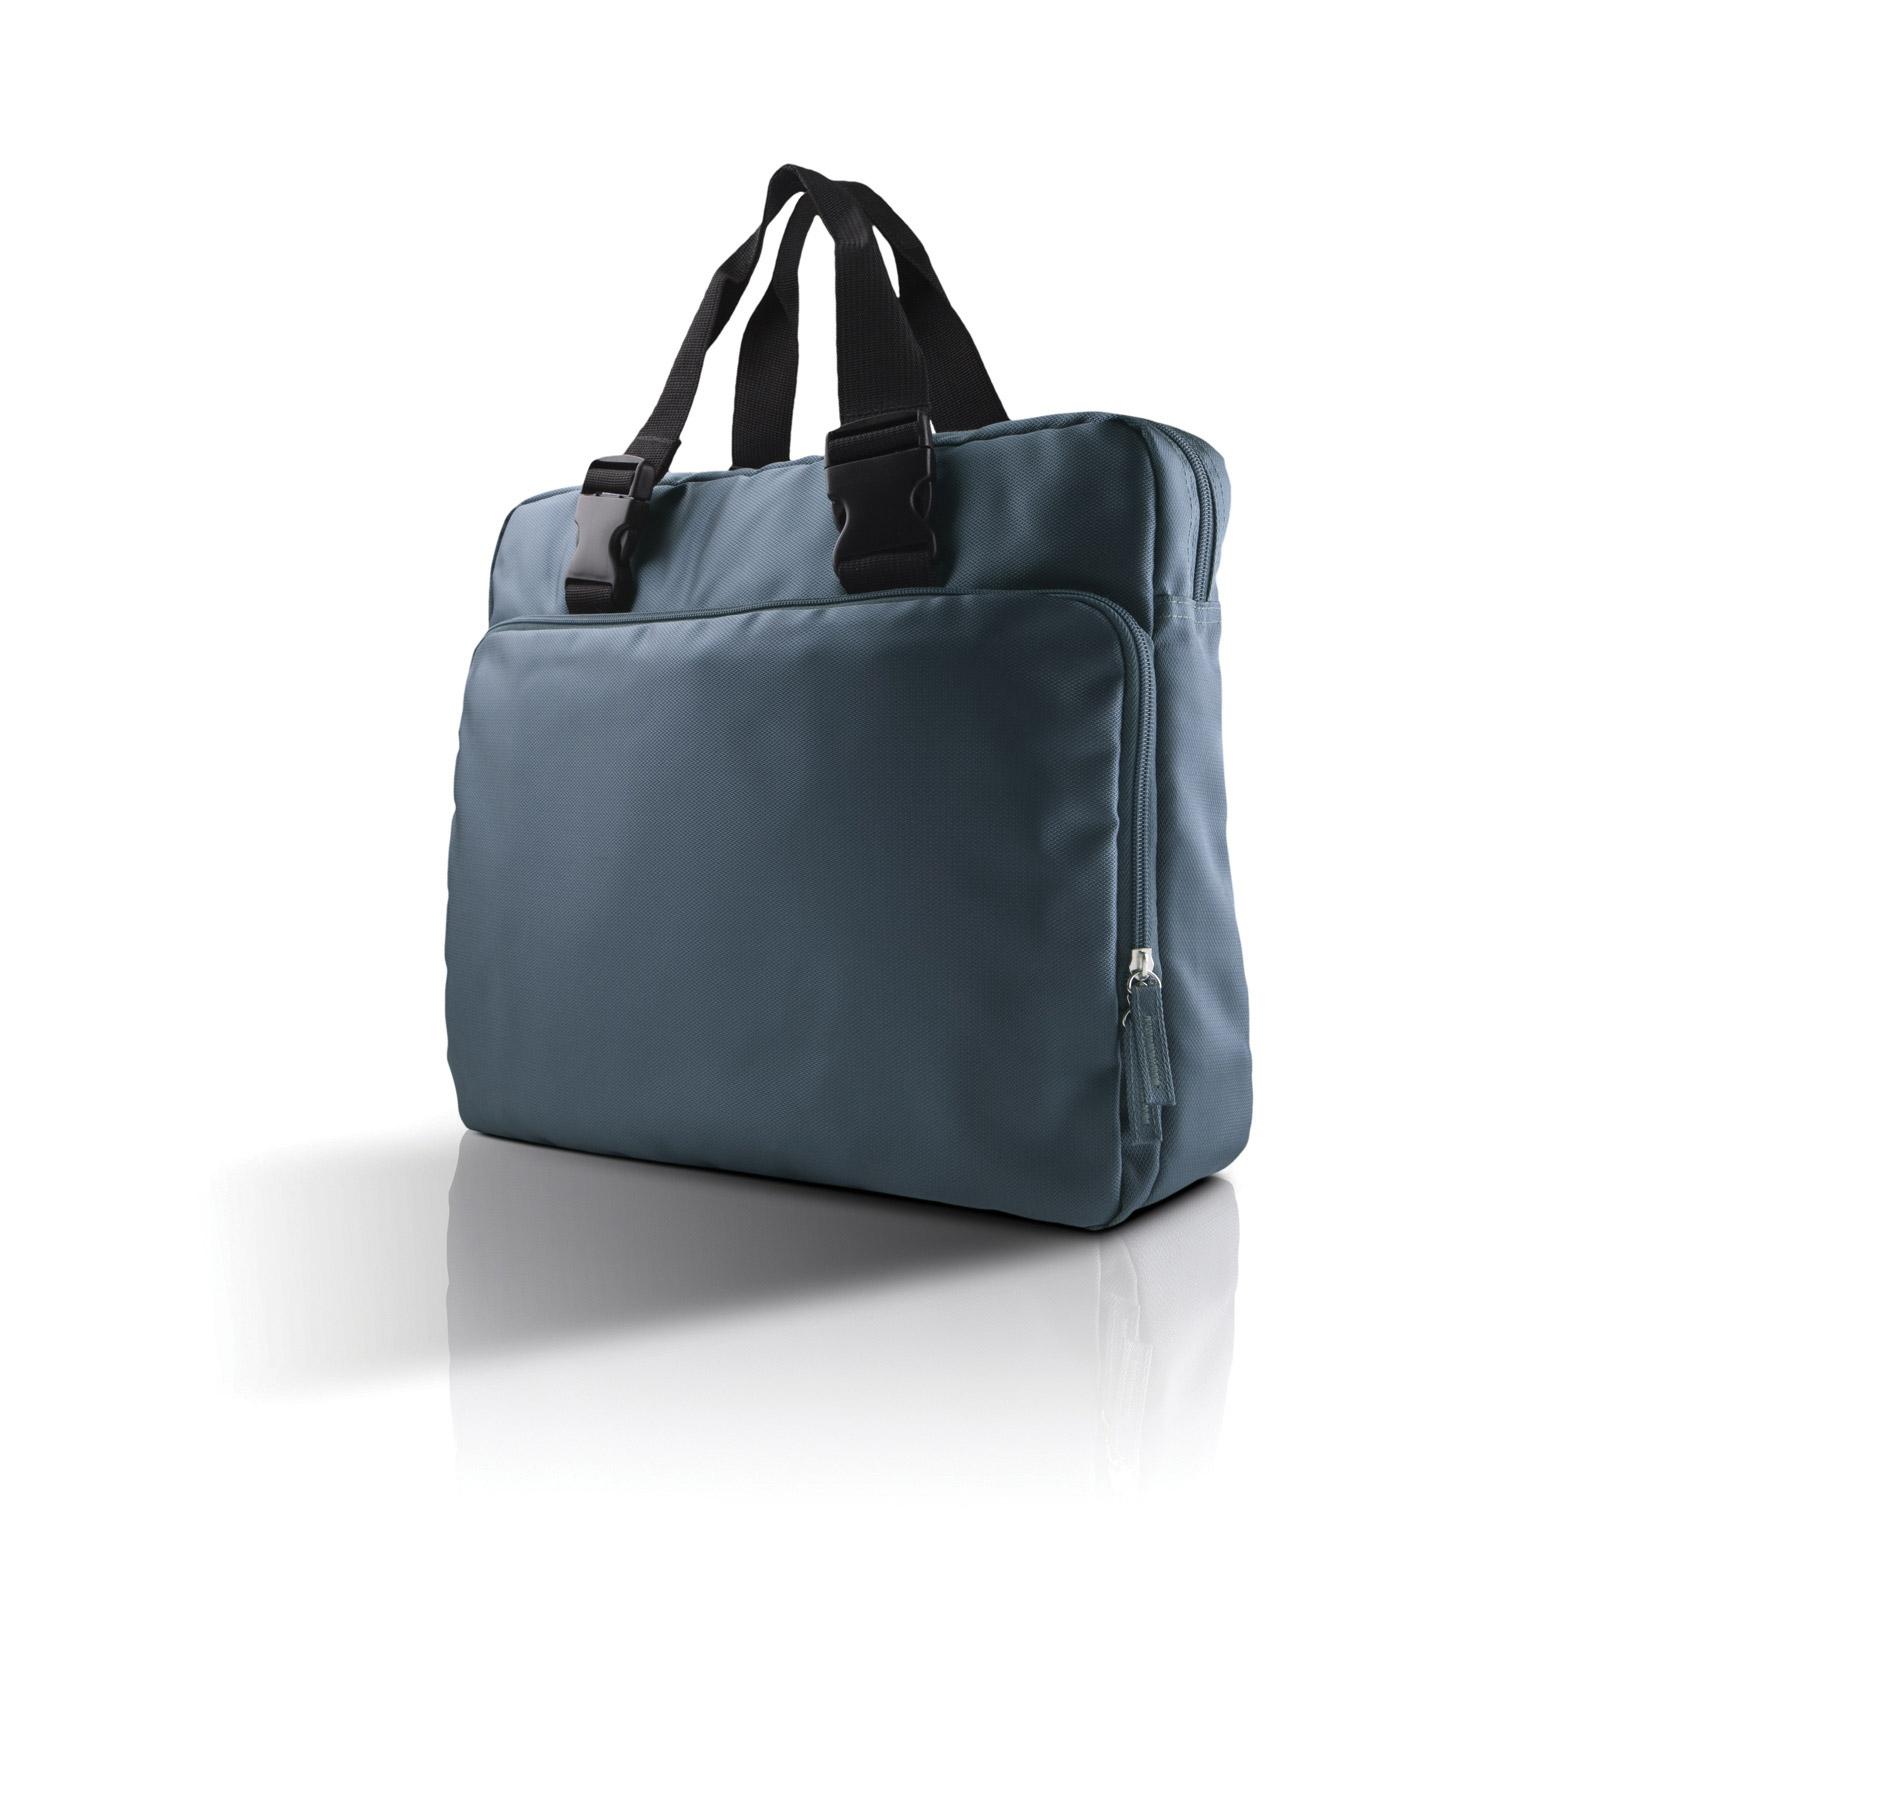 laptop bag ki0401